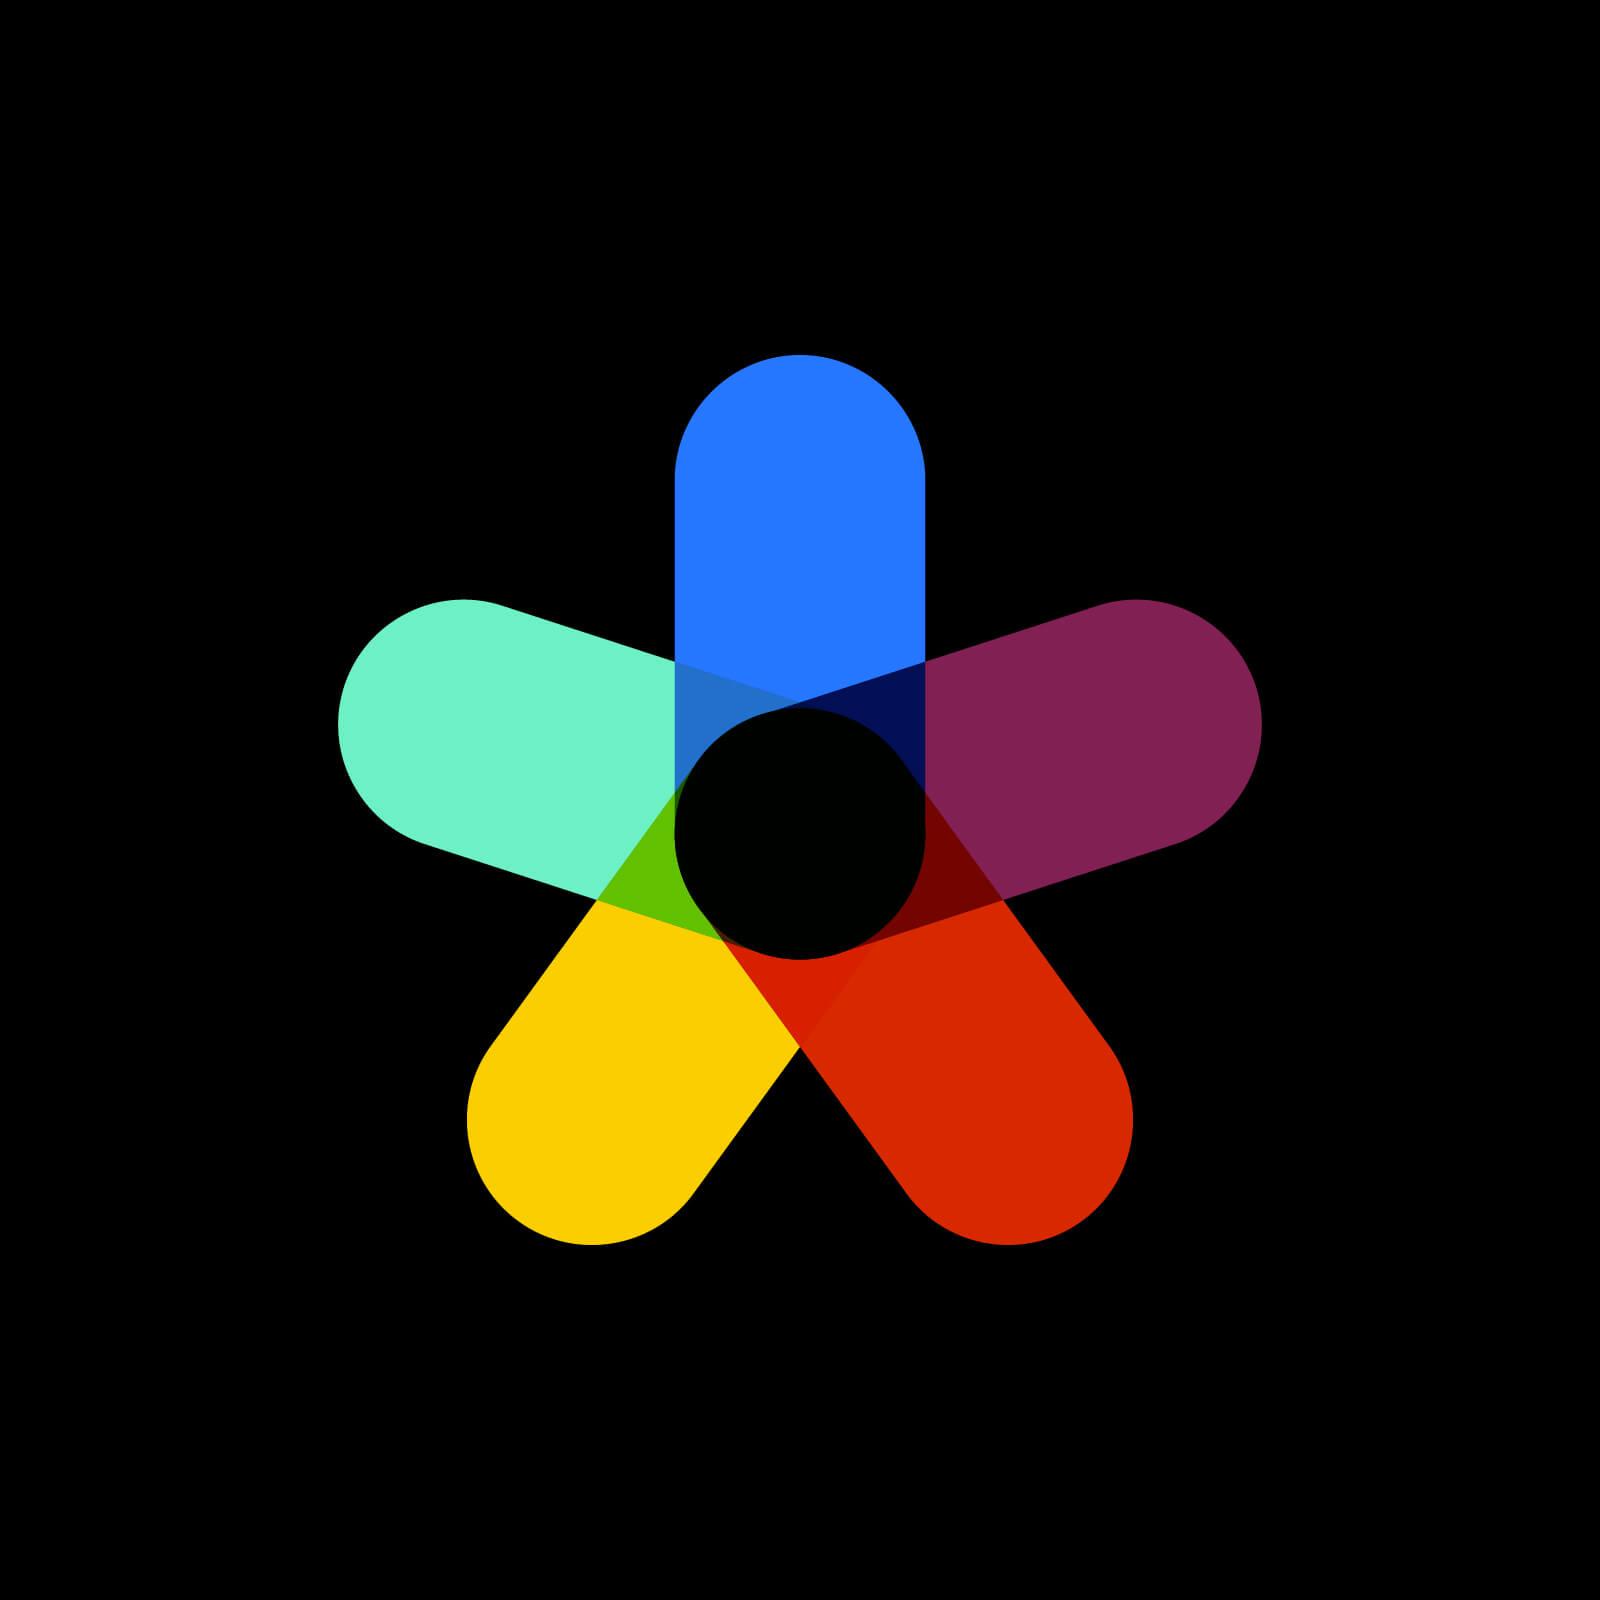 Logo du groupe Goupe test 1